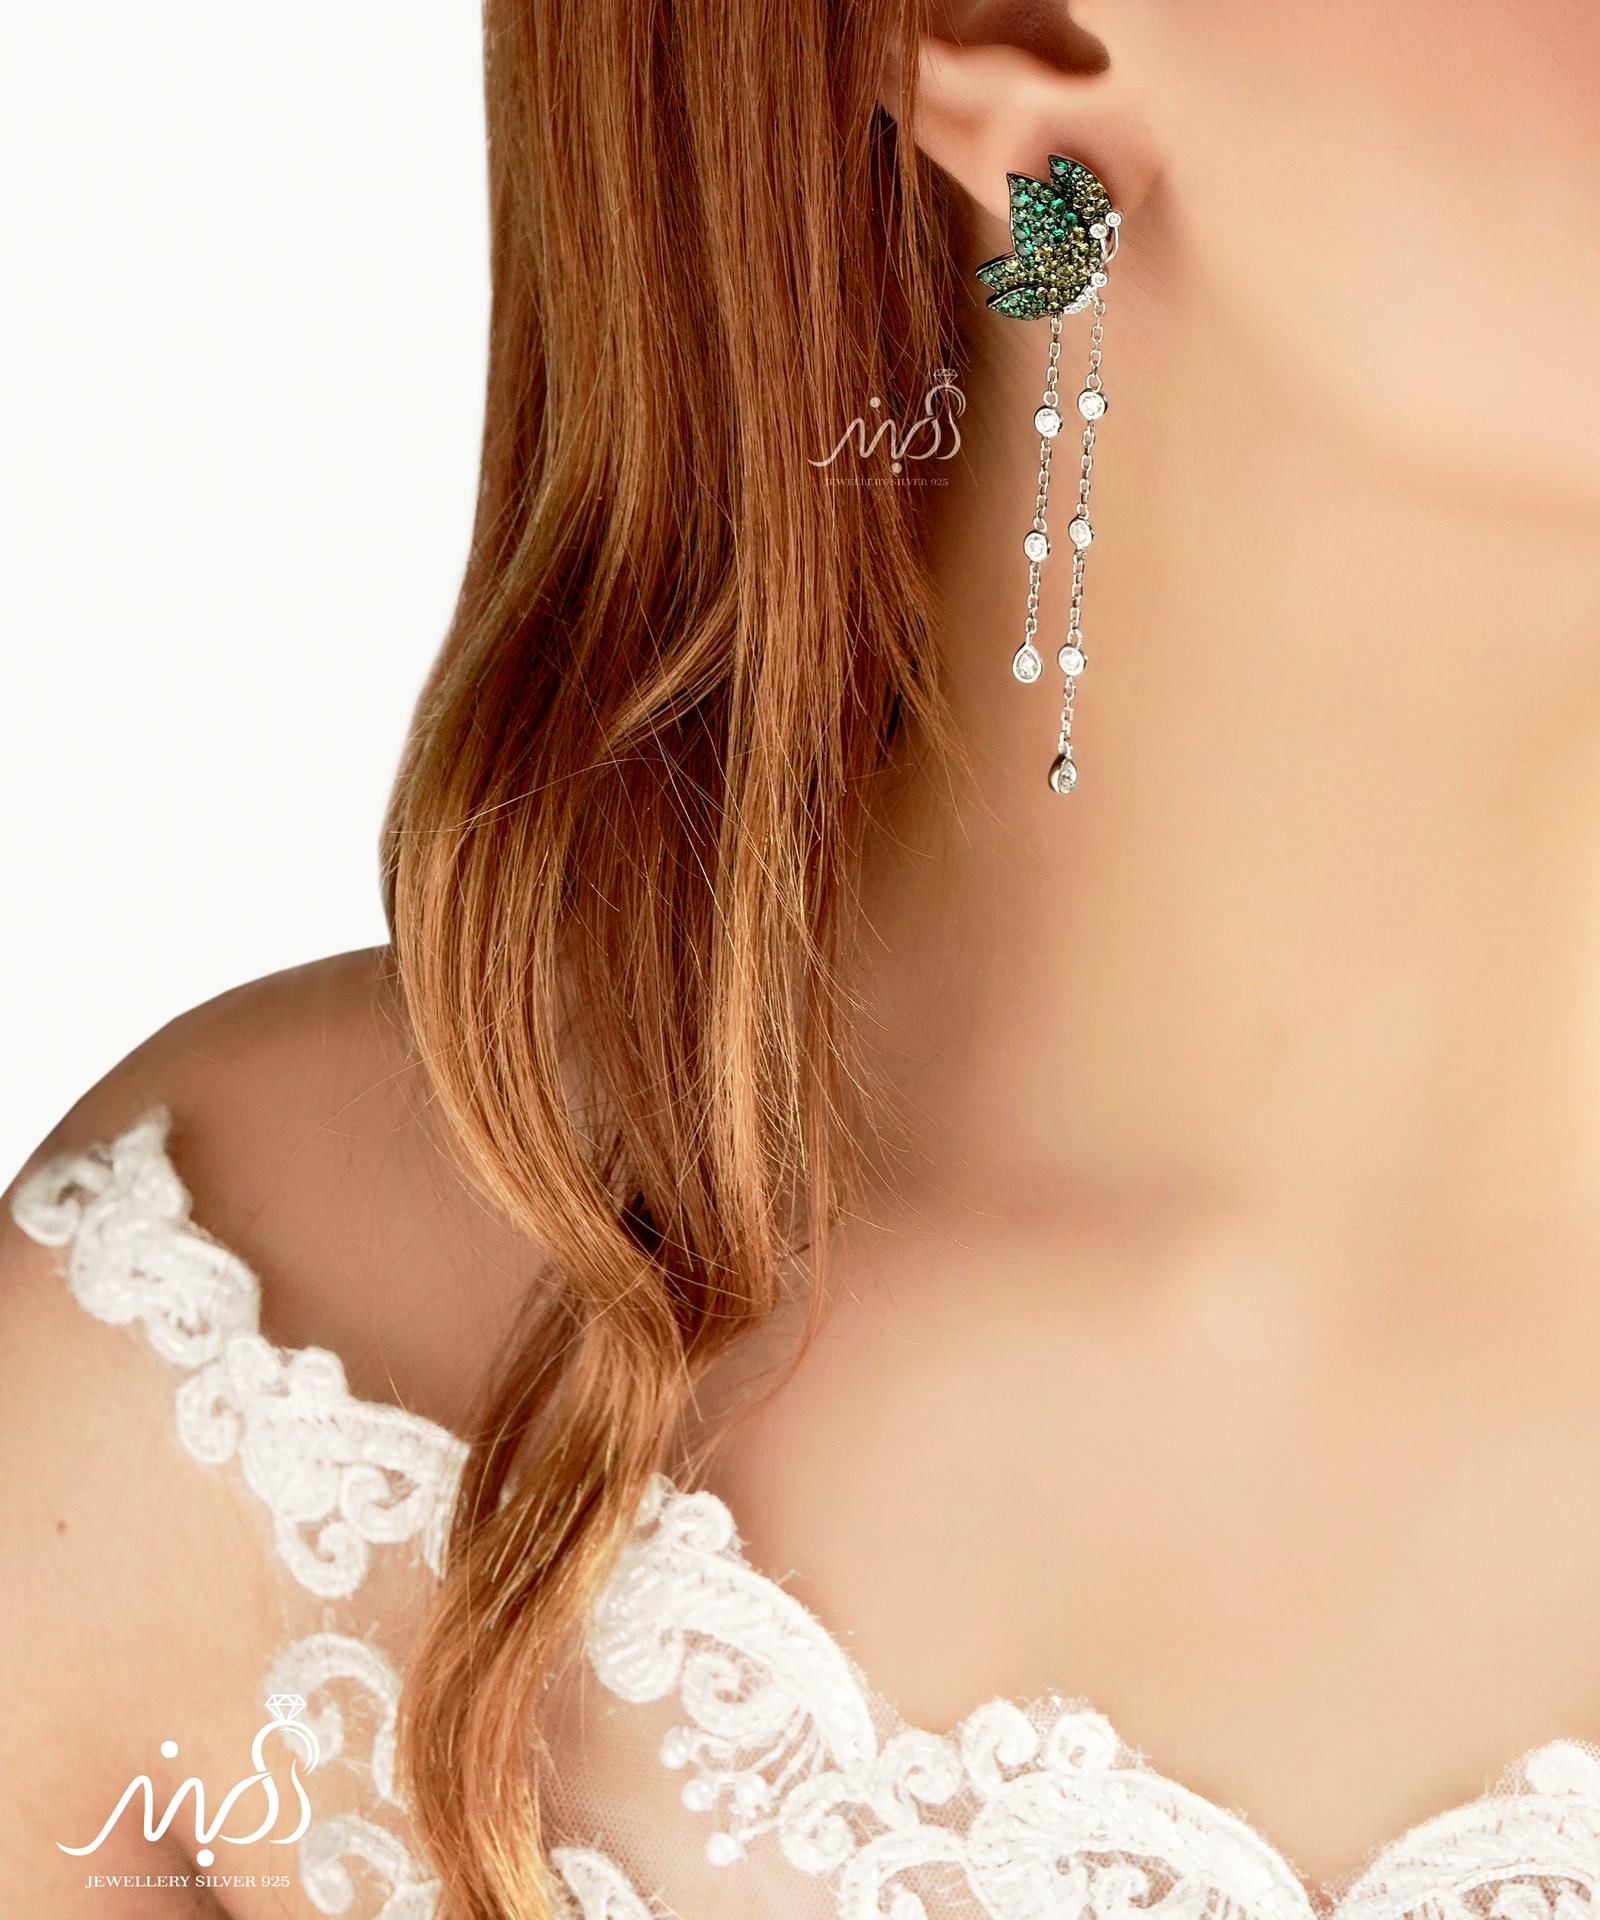 💍گوشواره جواهری لوکس ؛ طرح پروانه نگینهای نسکافه ای رنگ و سیترین و آویز بلند نگینی دارای طراحی ژورنالی بسیار خاص و فوق العاده زیبا ، با قفل اُمگا ،نقره عیار ۹۲۵ (E_5008)